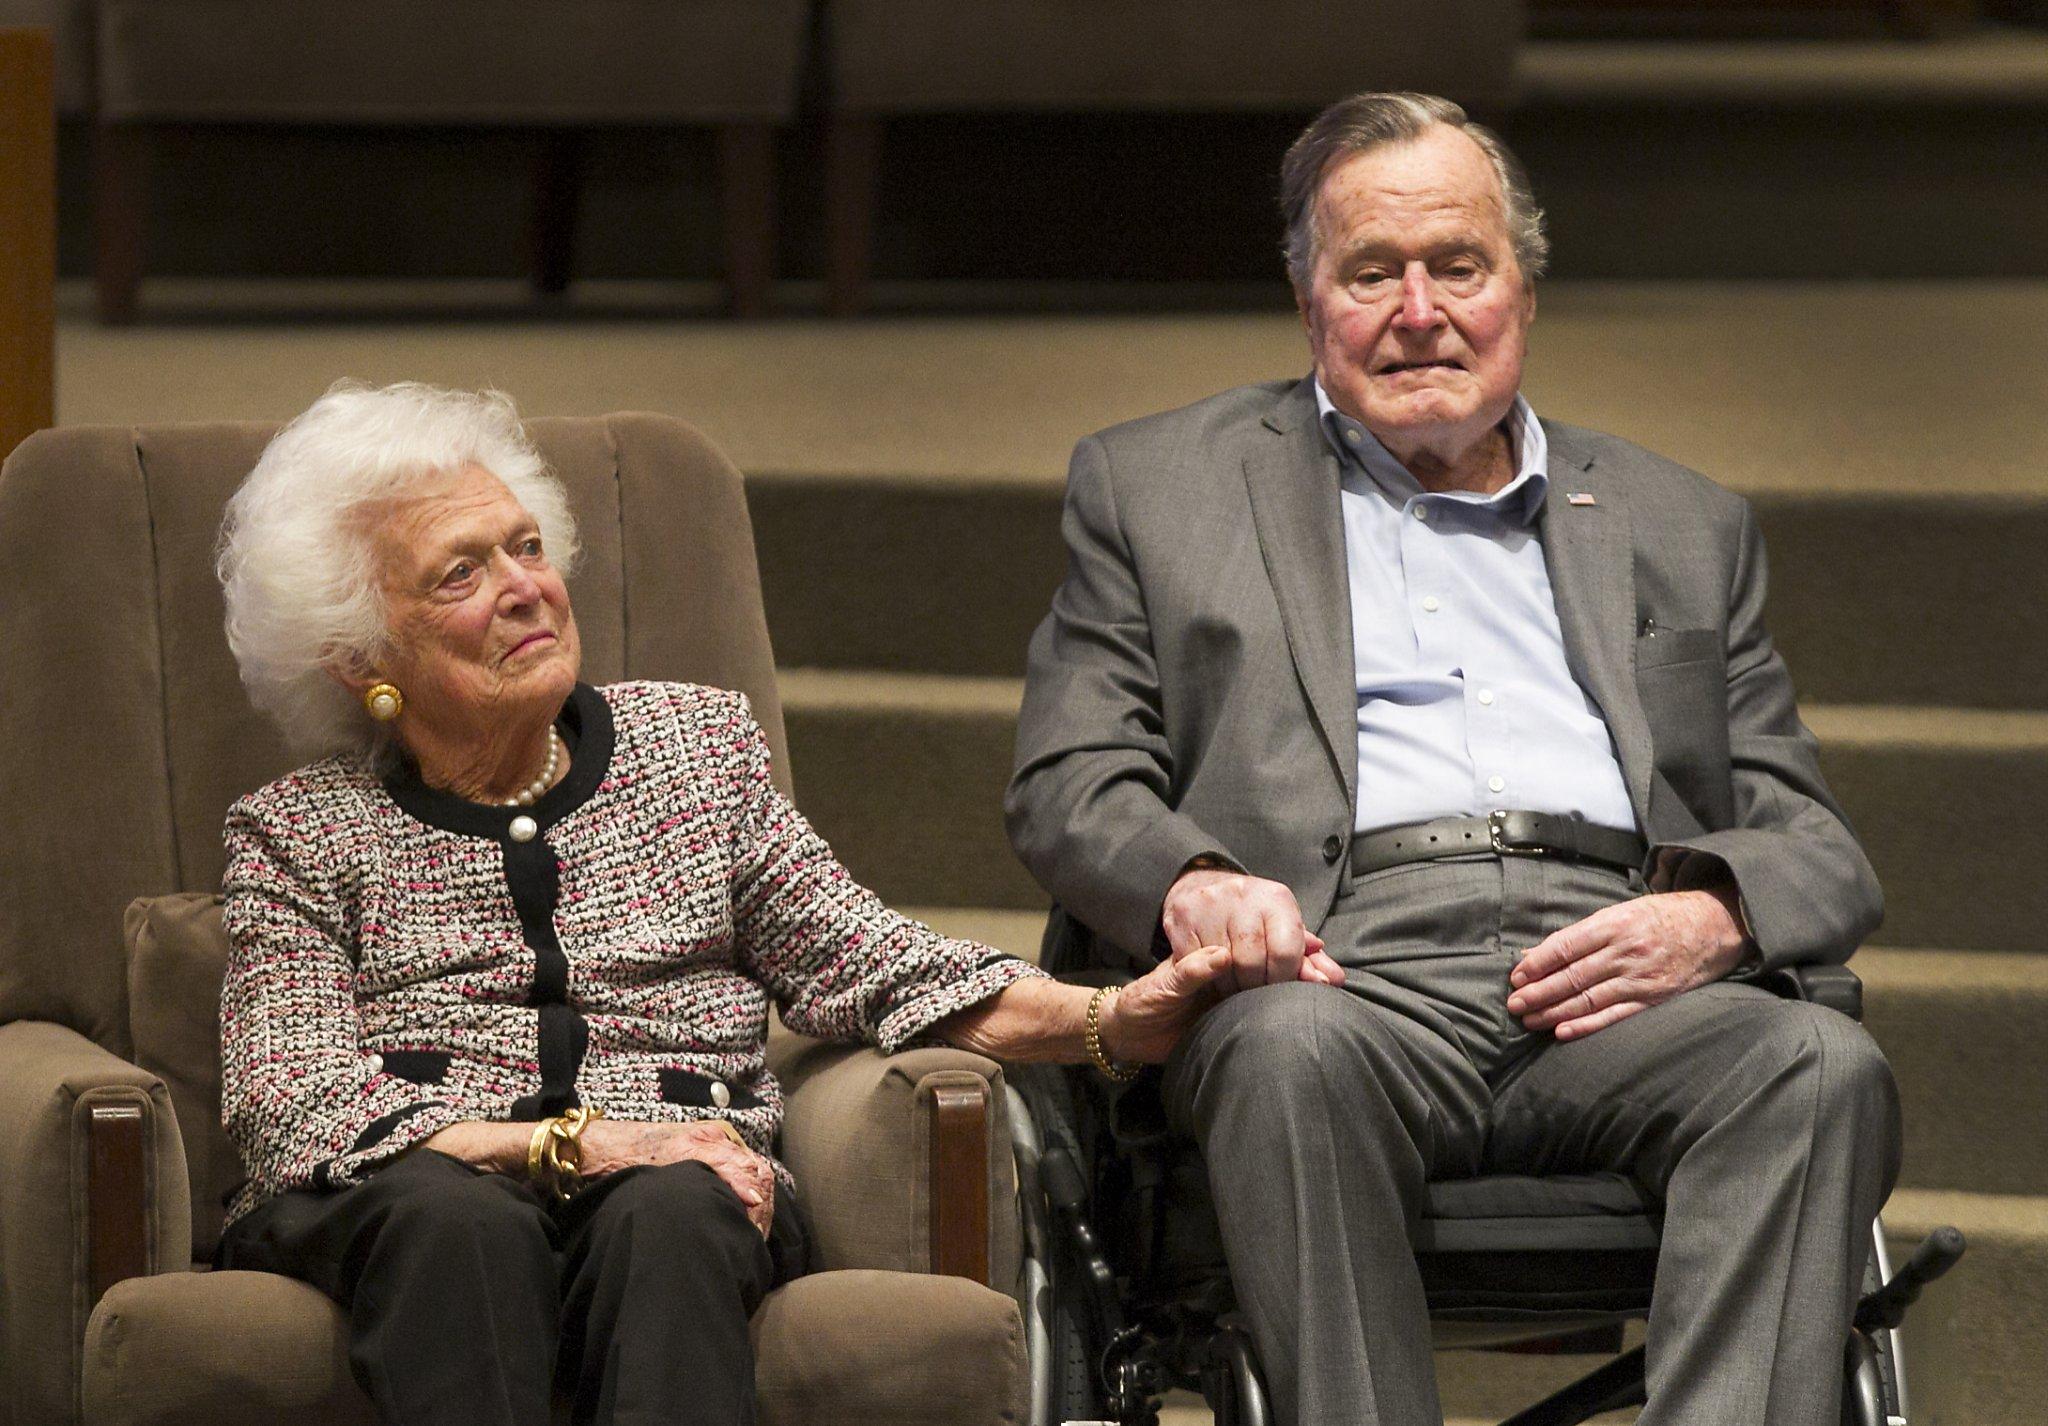 Former first lady Barbara Bush is in failing health